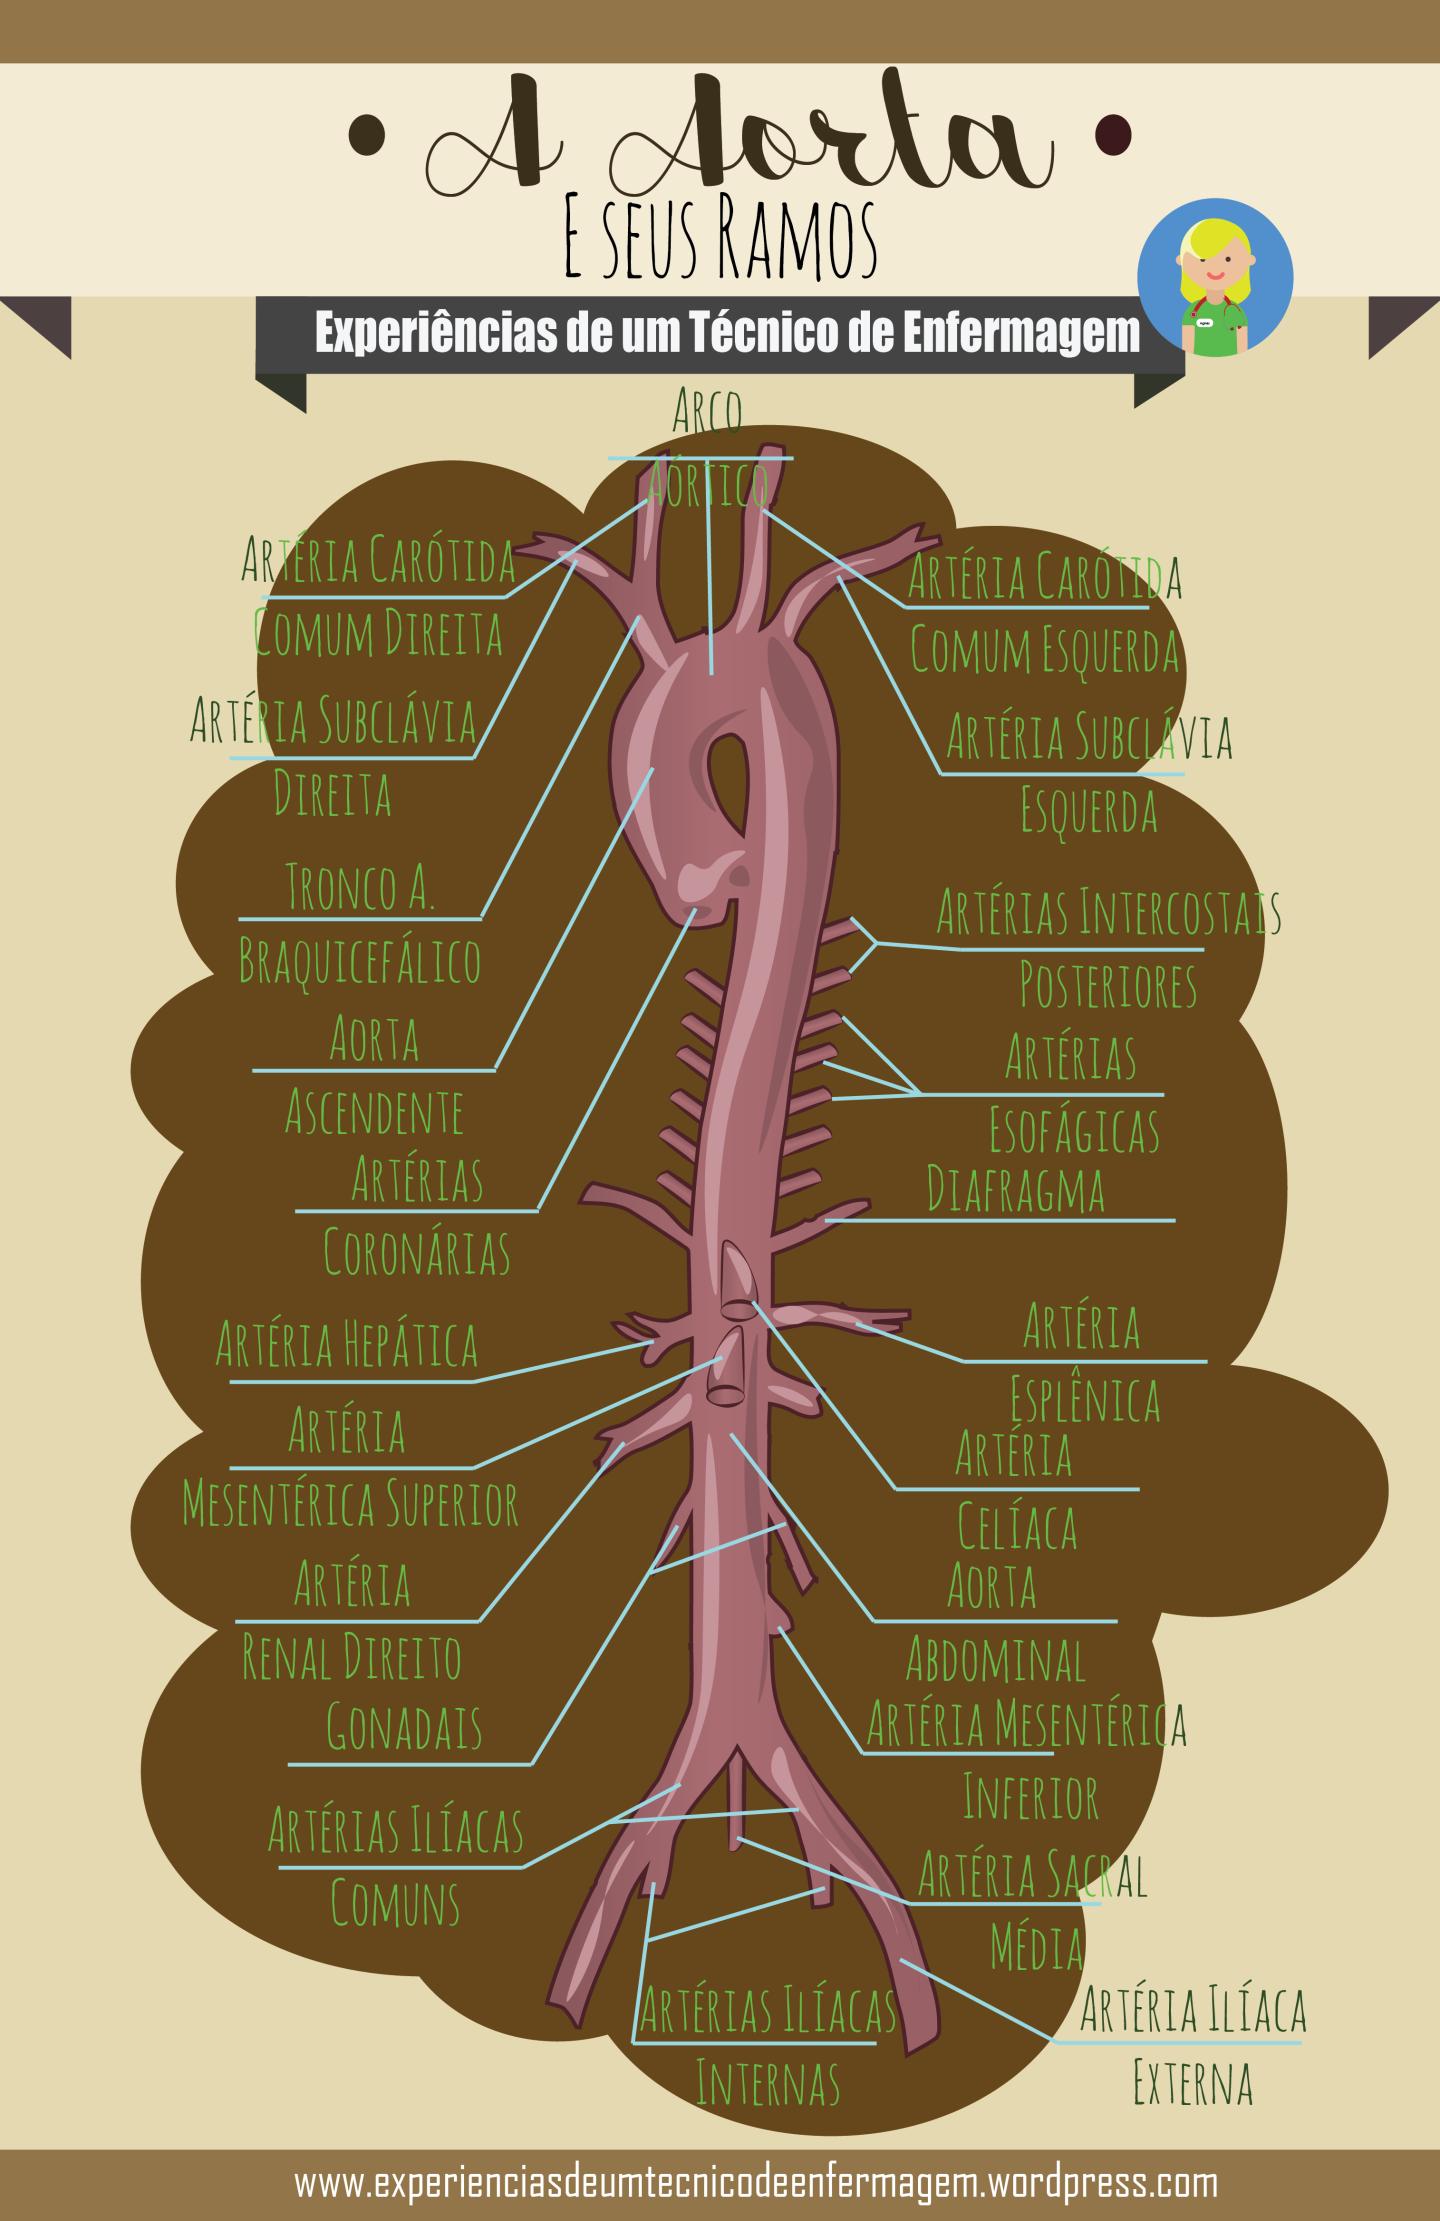 A Aorta e seus ramos en 2018 | Medical | Pinterest | Medicina ...